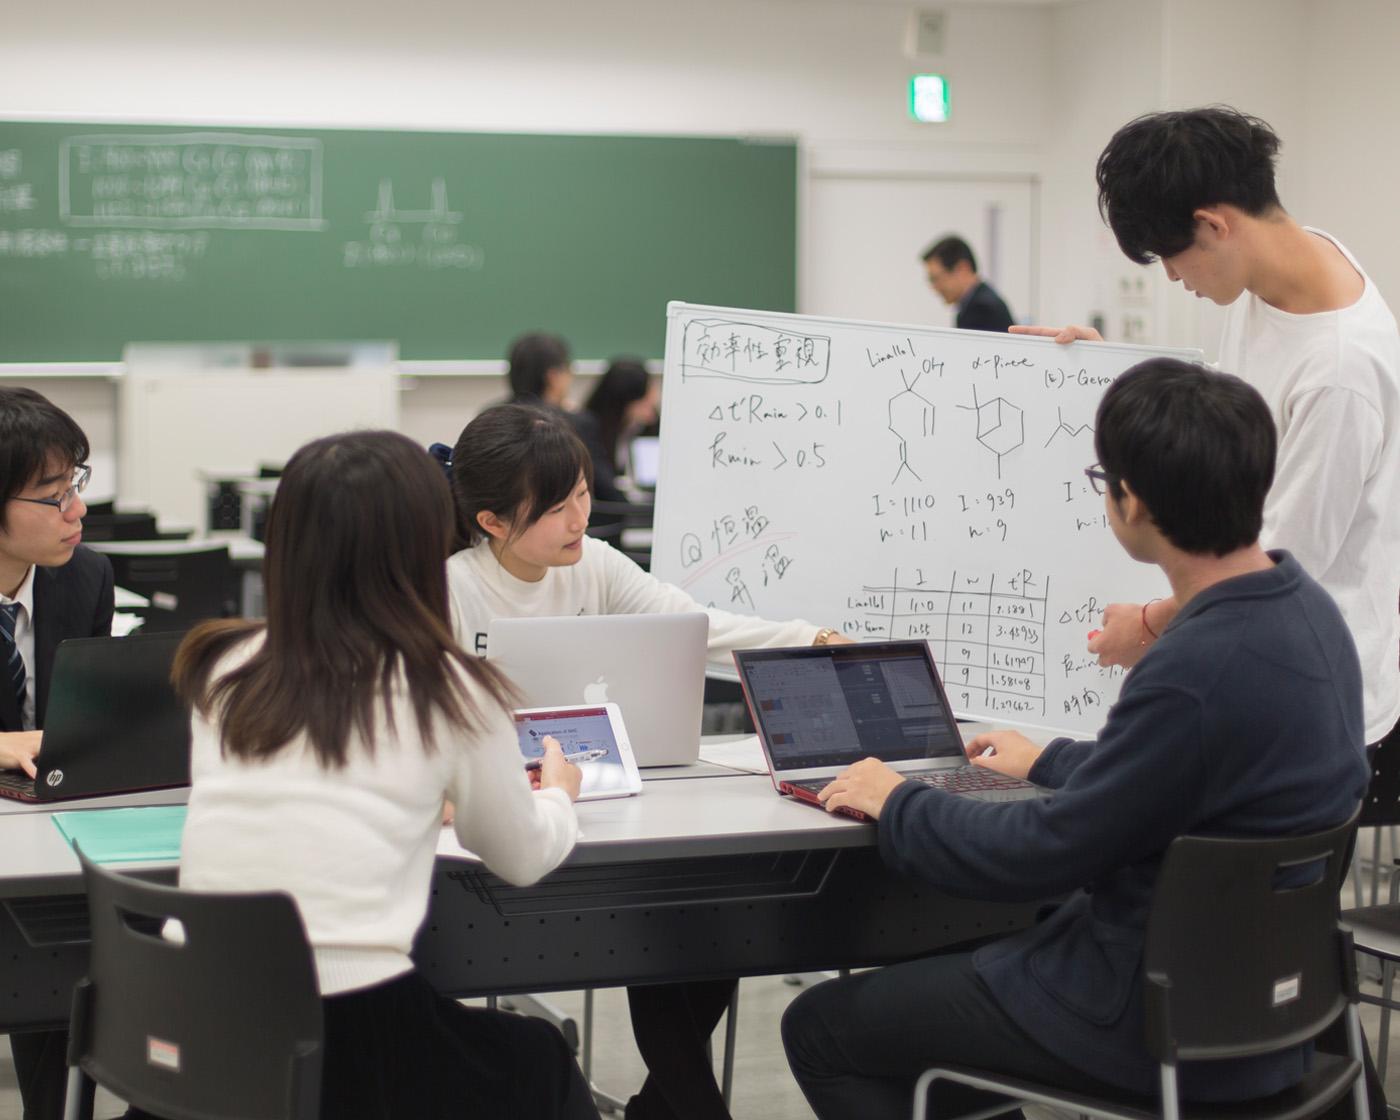 国際化学技術者コース|コース紹介|日本大学生産工学部 応用分子化学科